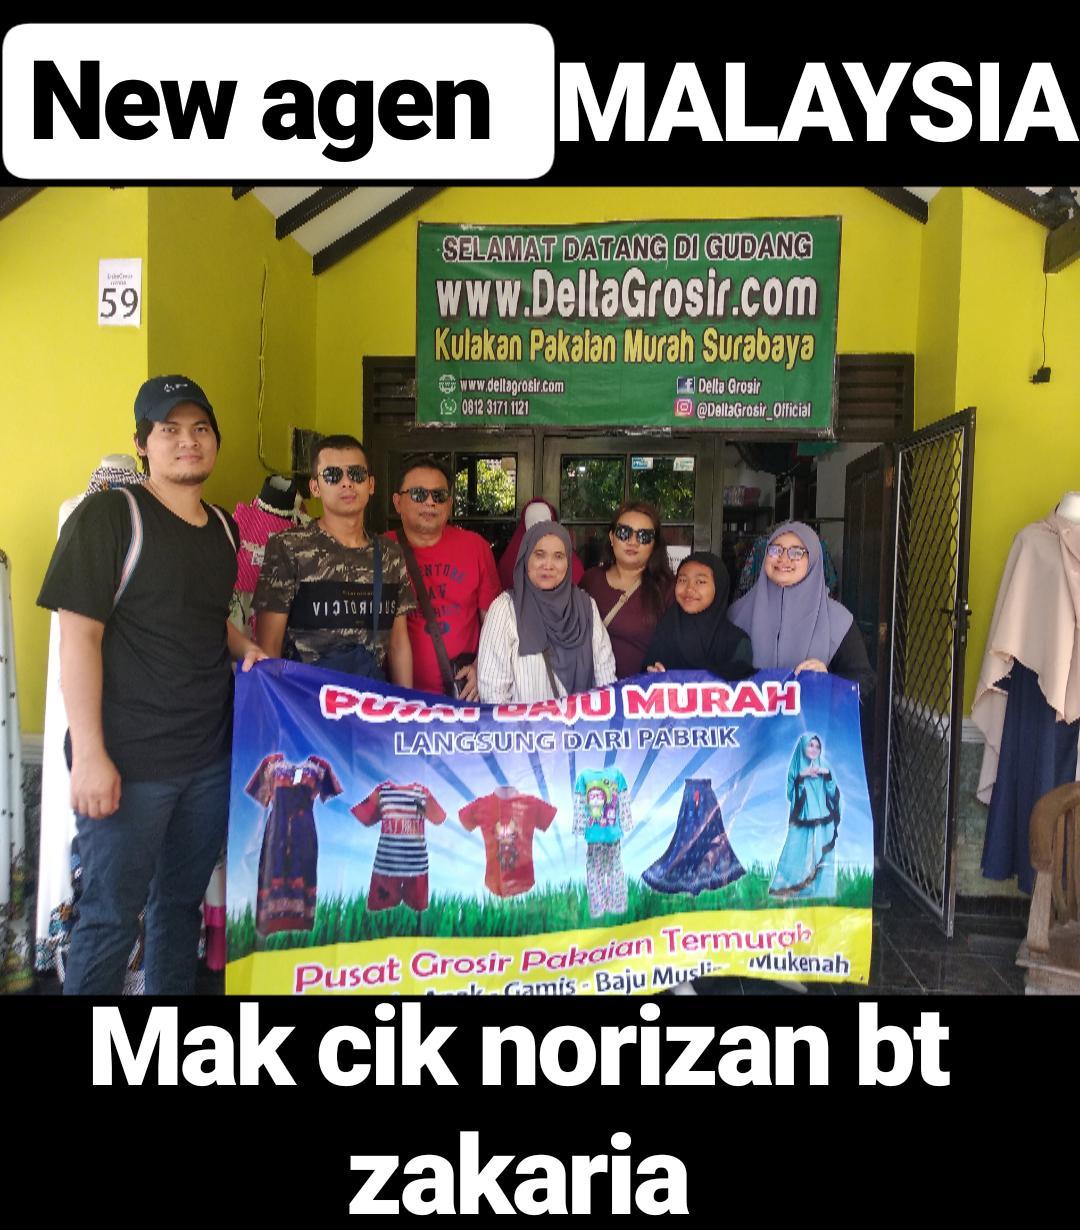 delta grosir agen malaysia